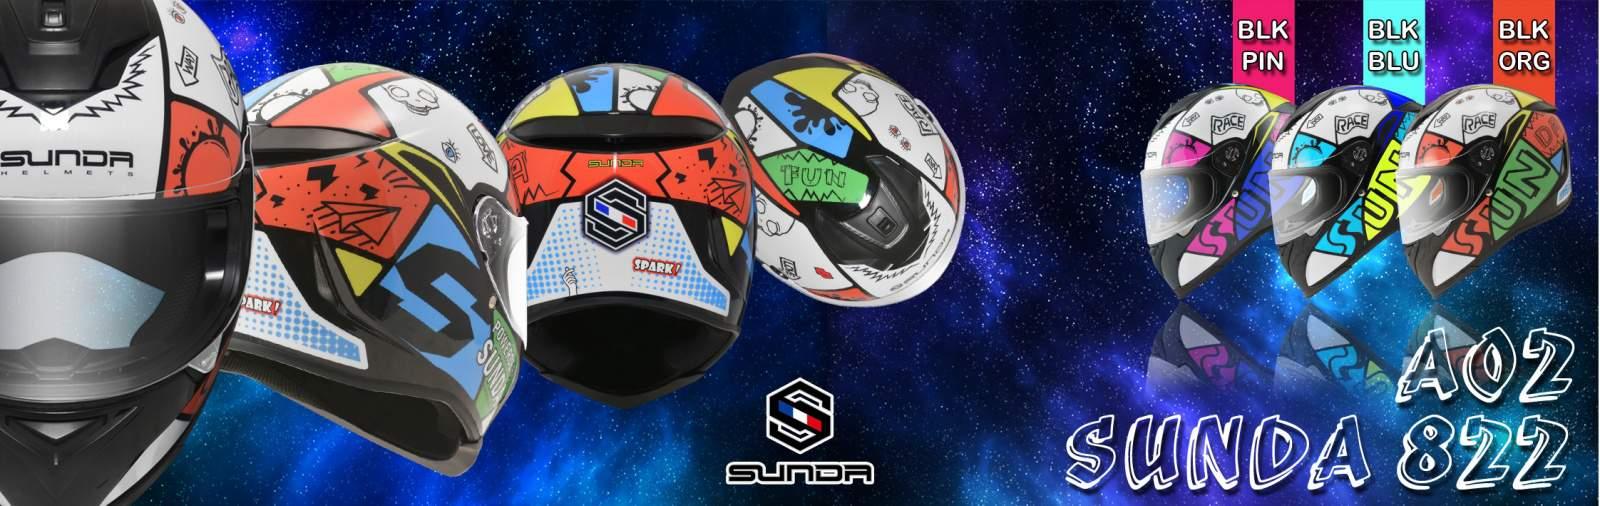 Sunda 822 Banner New